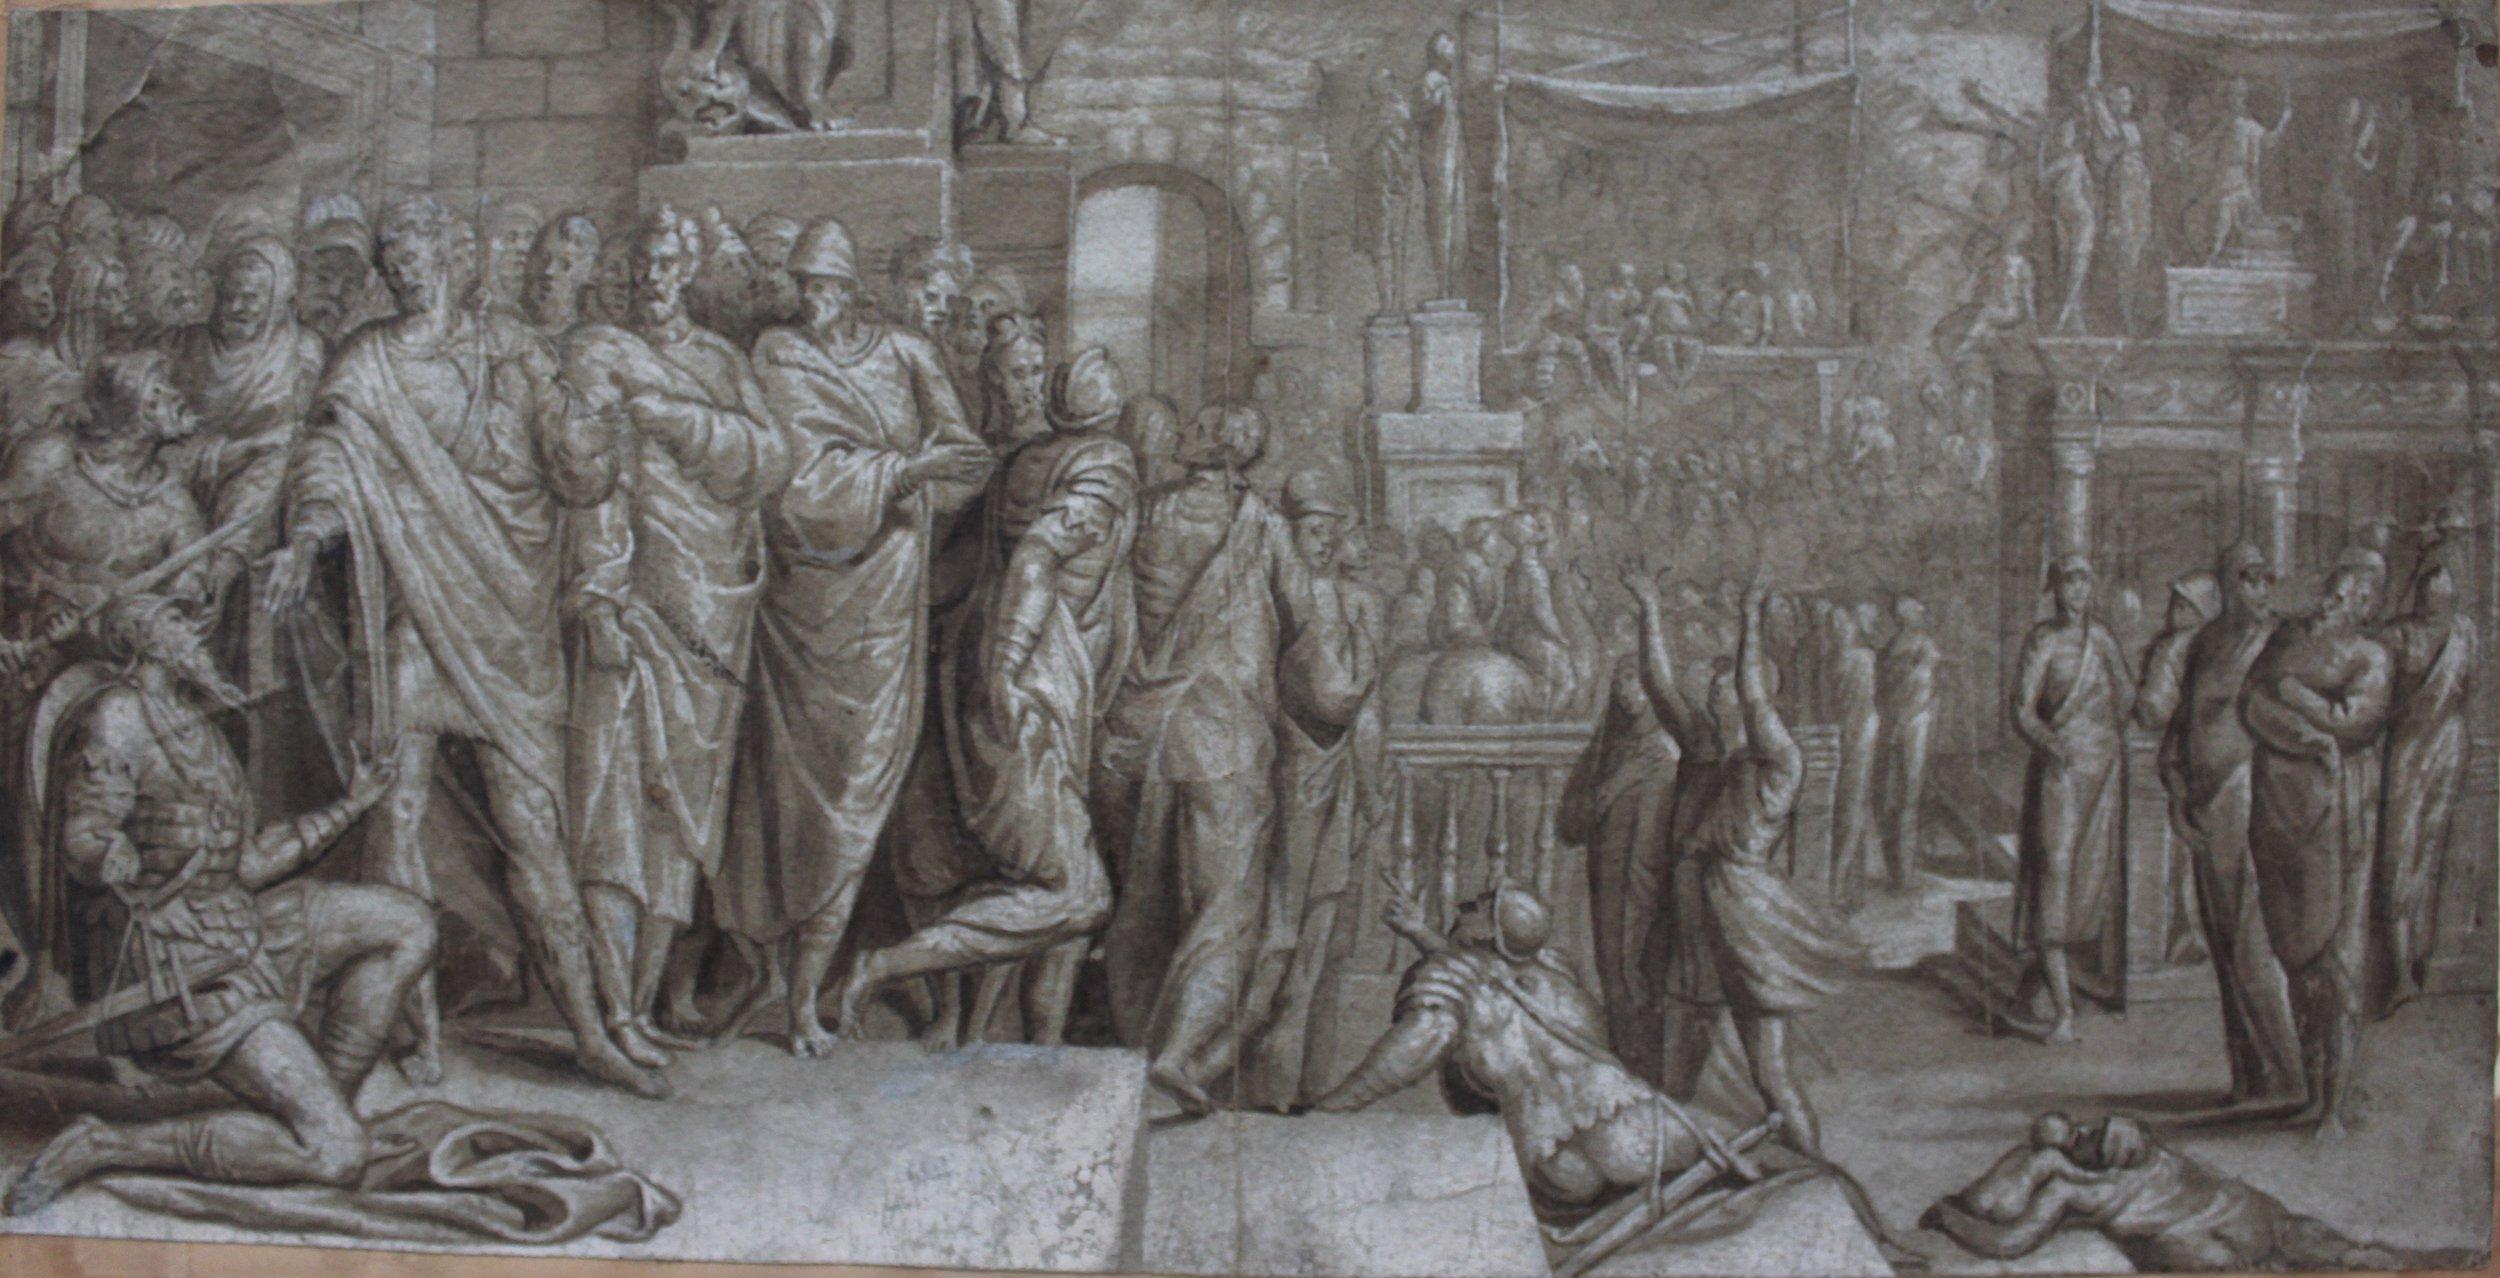 Pedro de Campaña – Flavius Josephus and the Emperor Vespasian